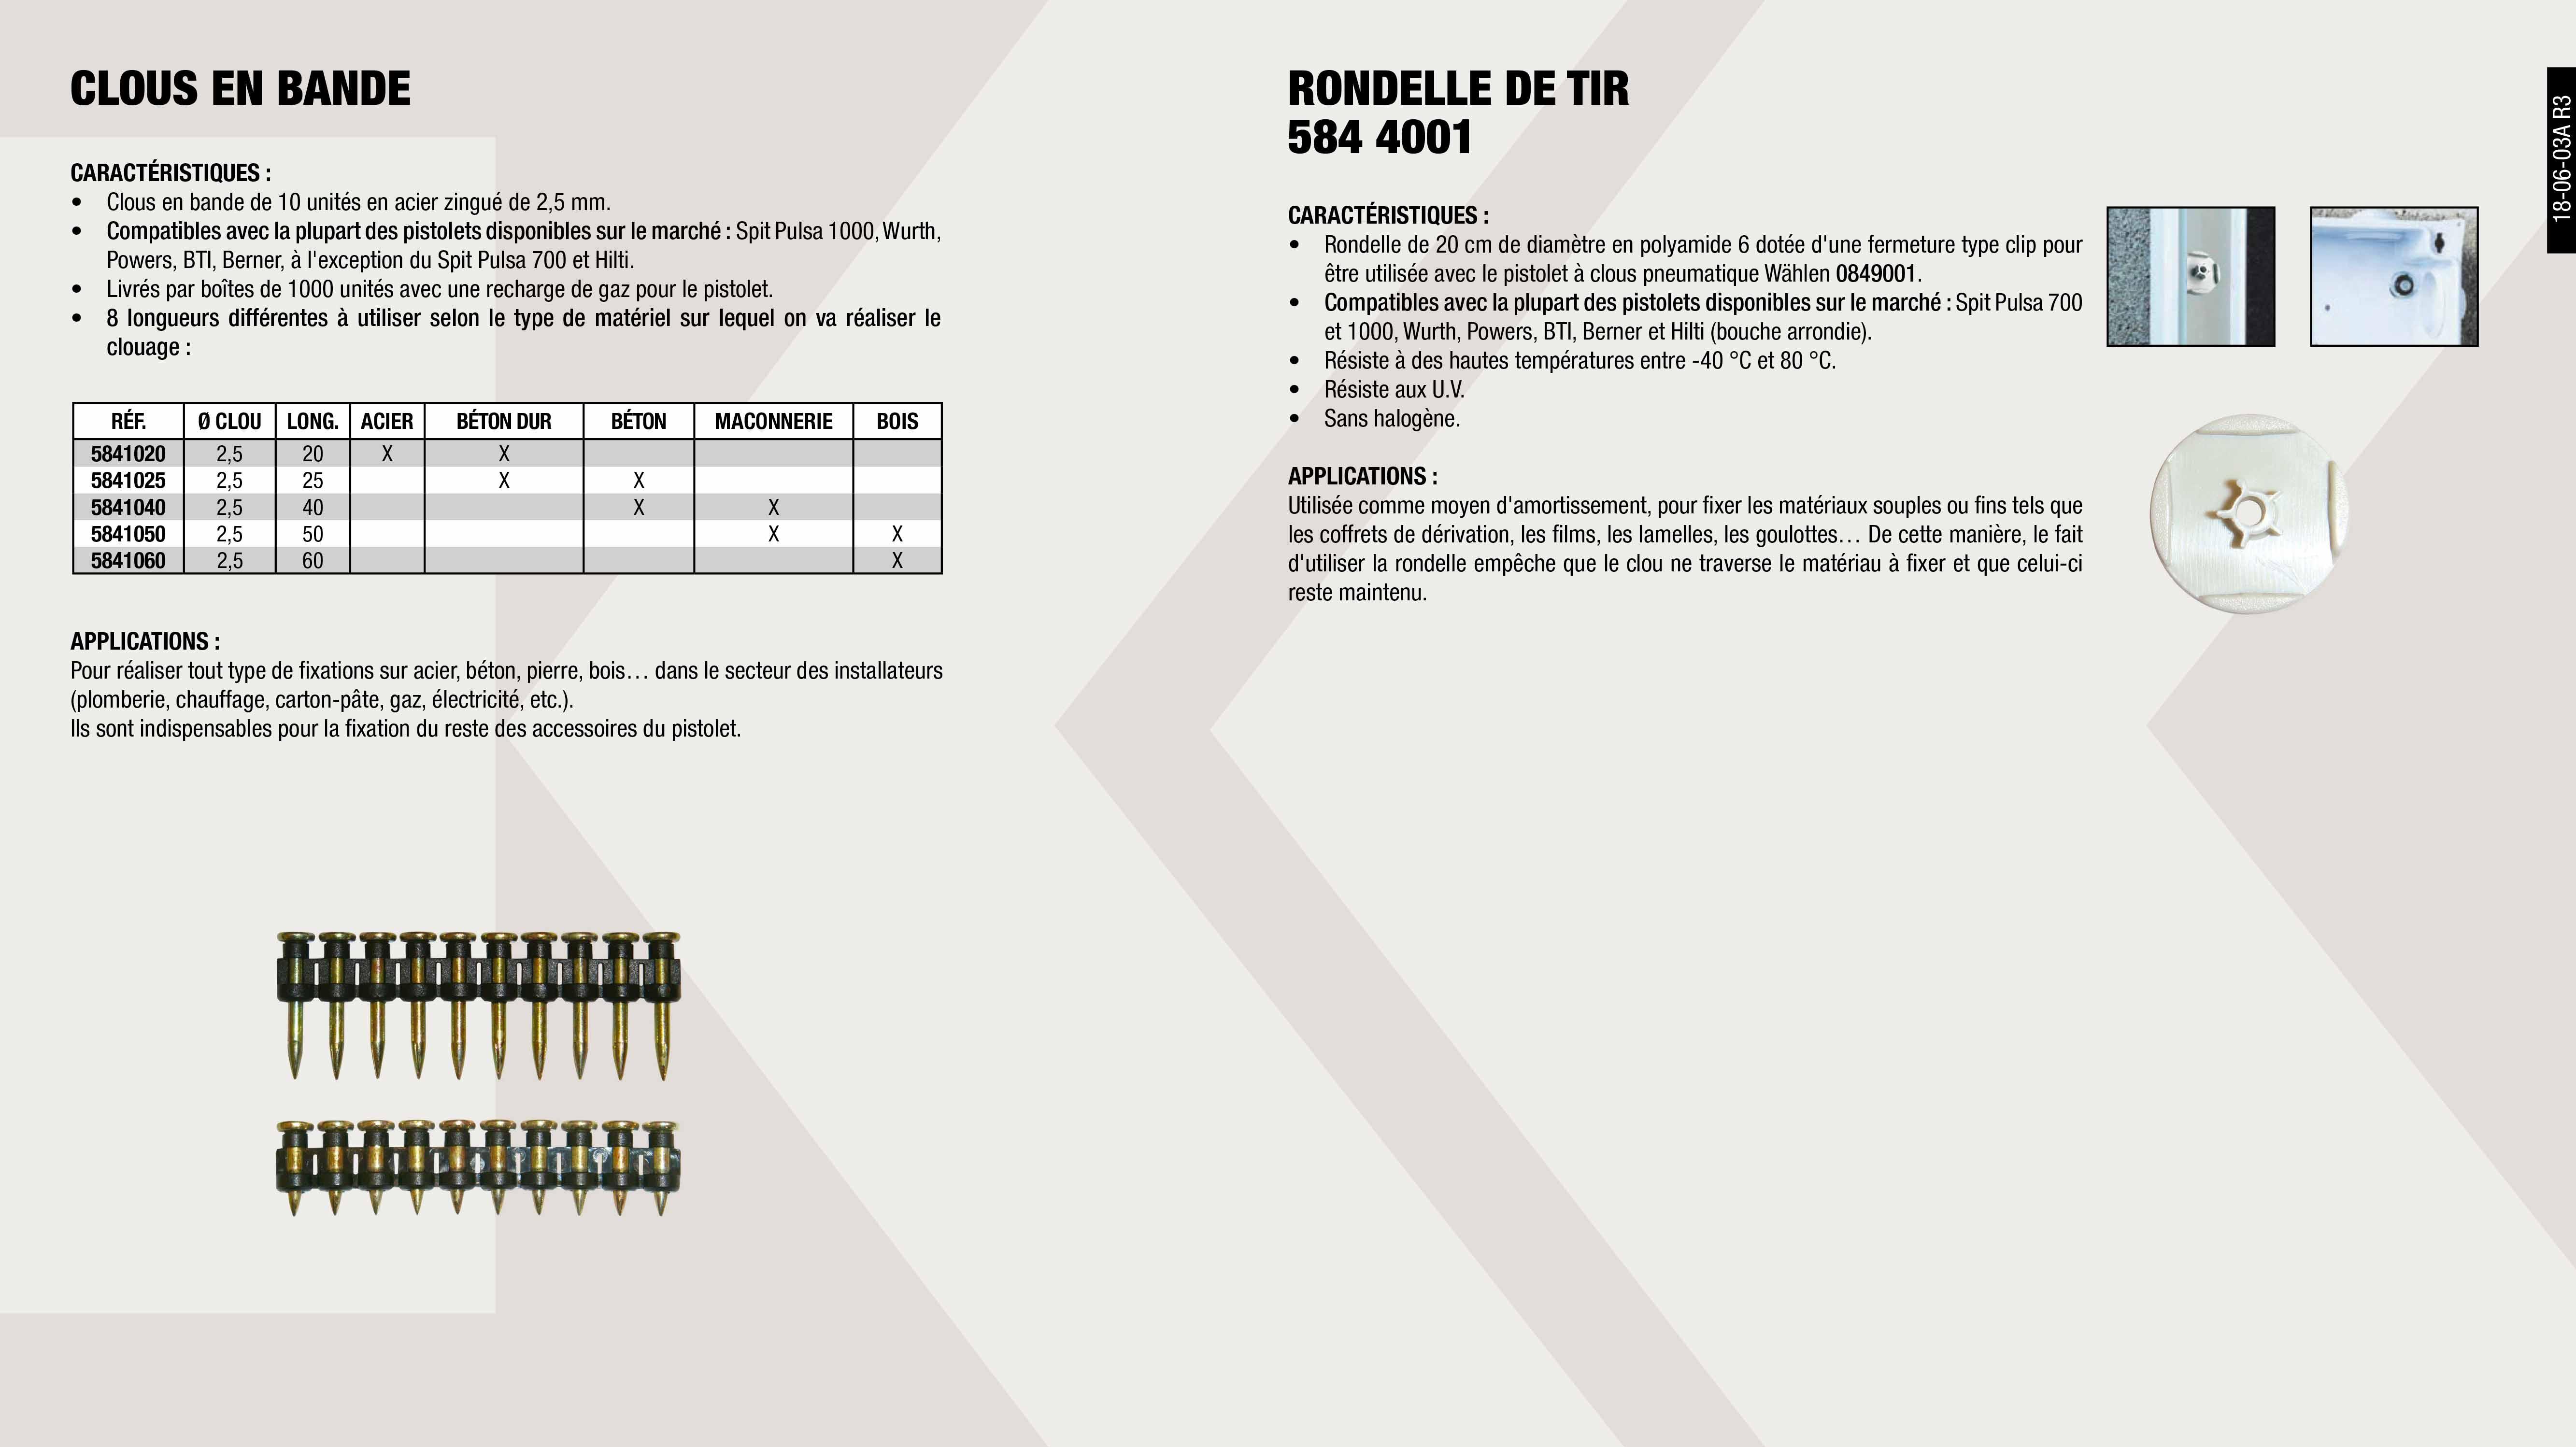 RONDELLE GRIS (0849001)                                     ,  BOITE 1000 CLOUS 60MM+RECHARGE (0849001)                    ,  RECHARGE BOUTELLE GAZ (0849001)                             ,  BOITE 1000 CLOUS 25MM+RECHARGE (0849001)                    ,  BOITE 1000 CLOUS 35MM+RECHARGE (0849001)                    ,  BOITE 1000 CLOUS 30MM+RECHARGE (0849001)                    ,  BOITE 1000 CLOUS 20MM+RECHARGE (0849001)                    ,  BOITE 1000 CLOUS 40MM+RECHARGE (0849001)                    ,  BOITE 1000 CLOUS 50MM+RECHARGE (0849001)                    ,